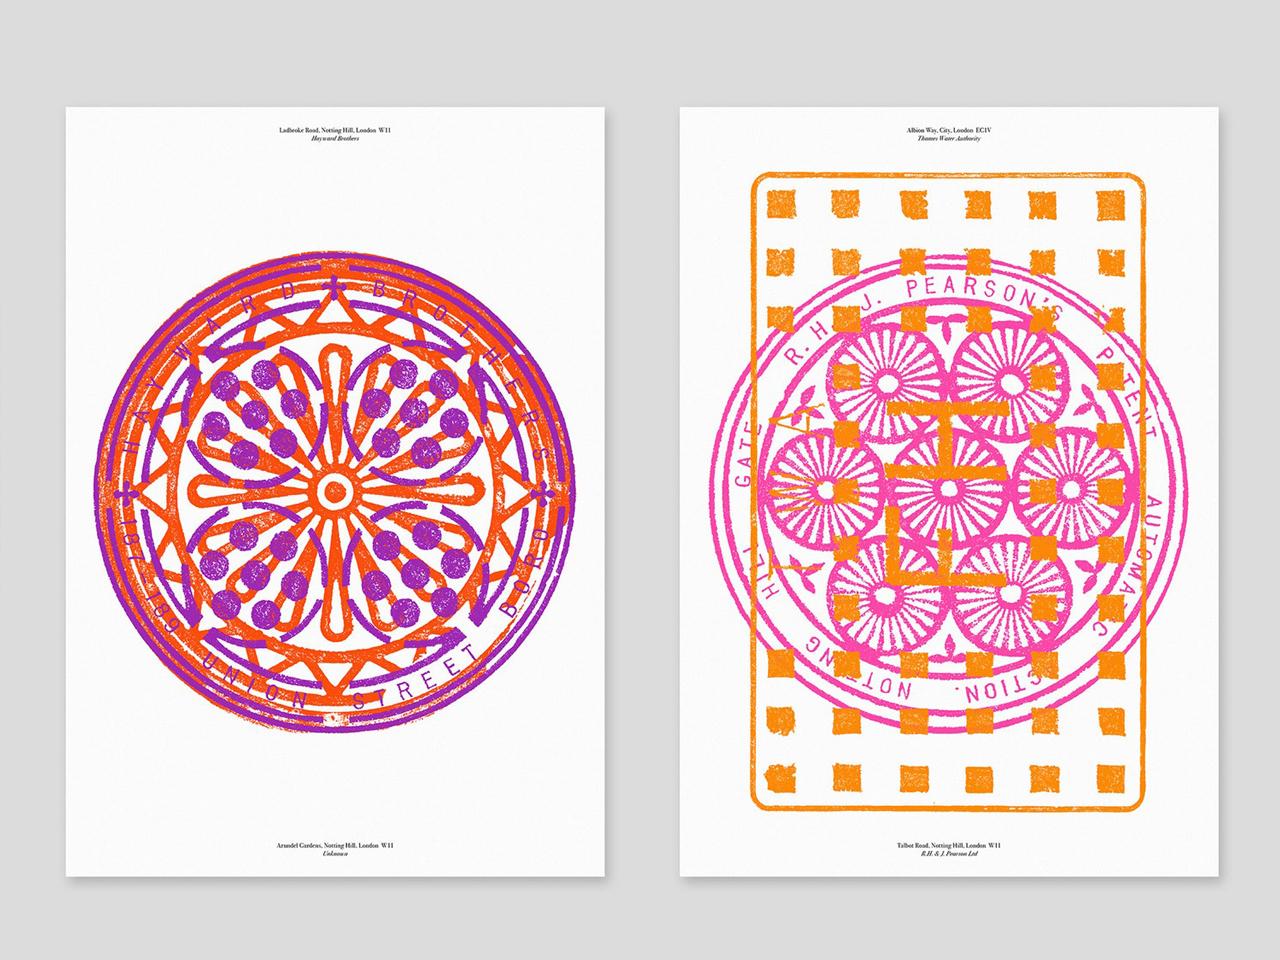 Pentagram_Overlooked-PP-book_02.2.jpg